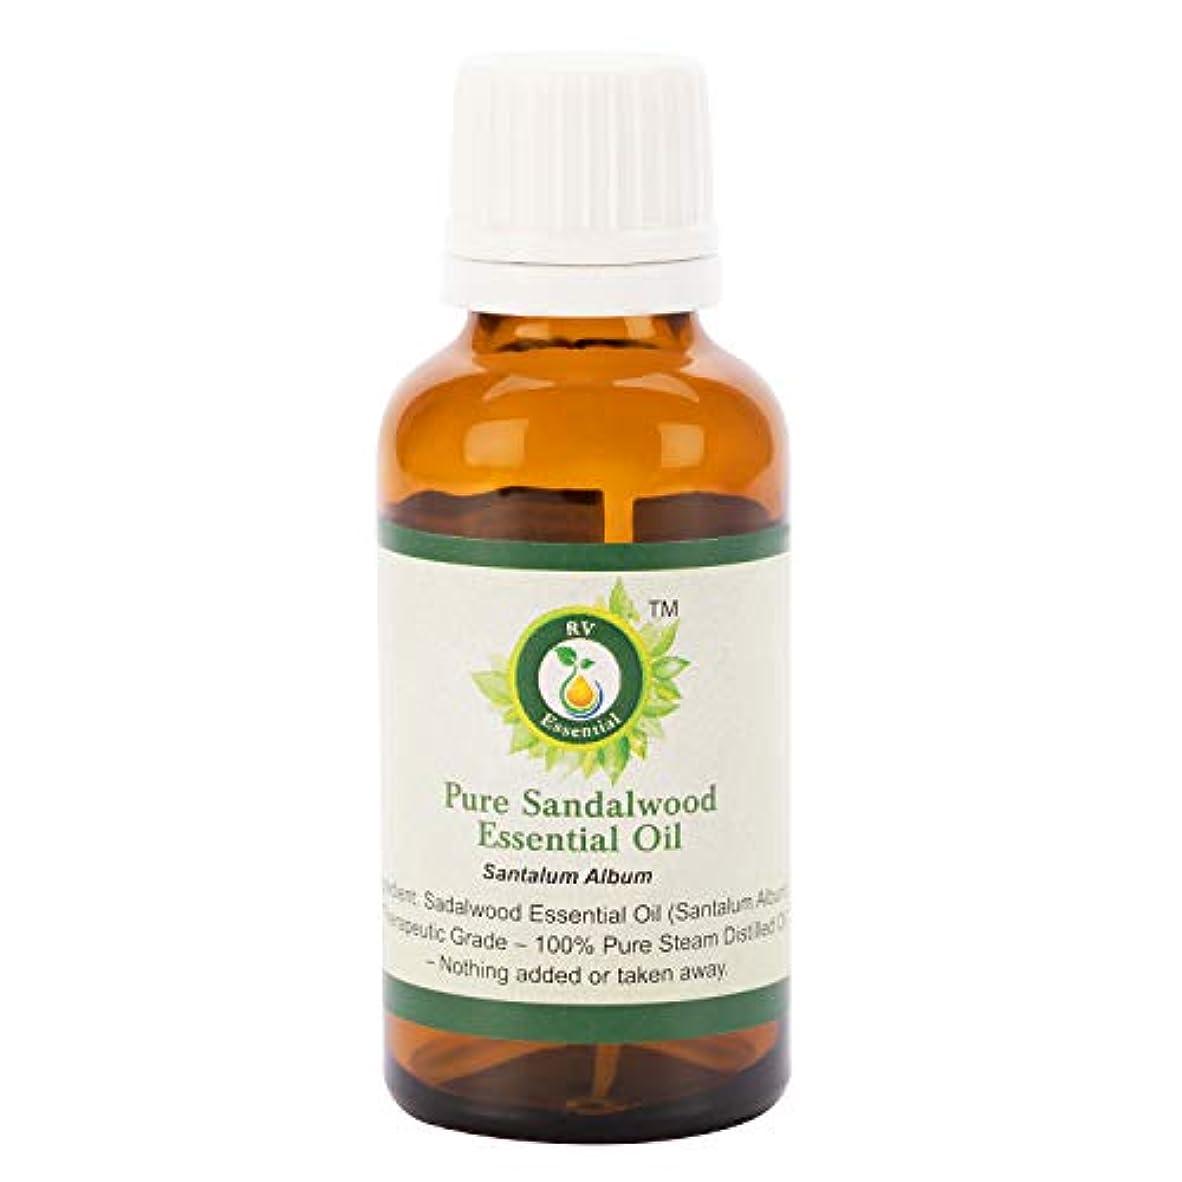 静める統計好意的ピュアサンダルウッドエッセンシャルオイル100ml (3.38oz)- Santalum Album (100%純粋&天然スチームDistilled) Pure Sandalwood Essential Oil